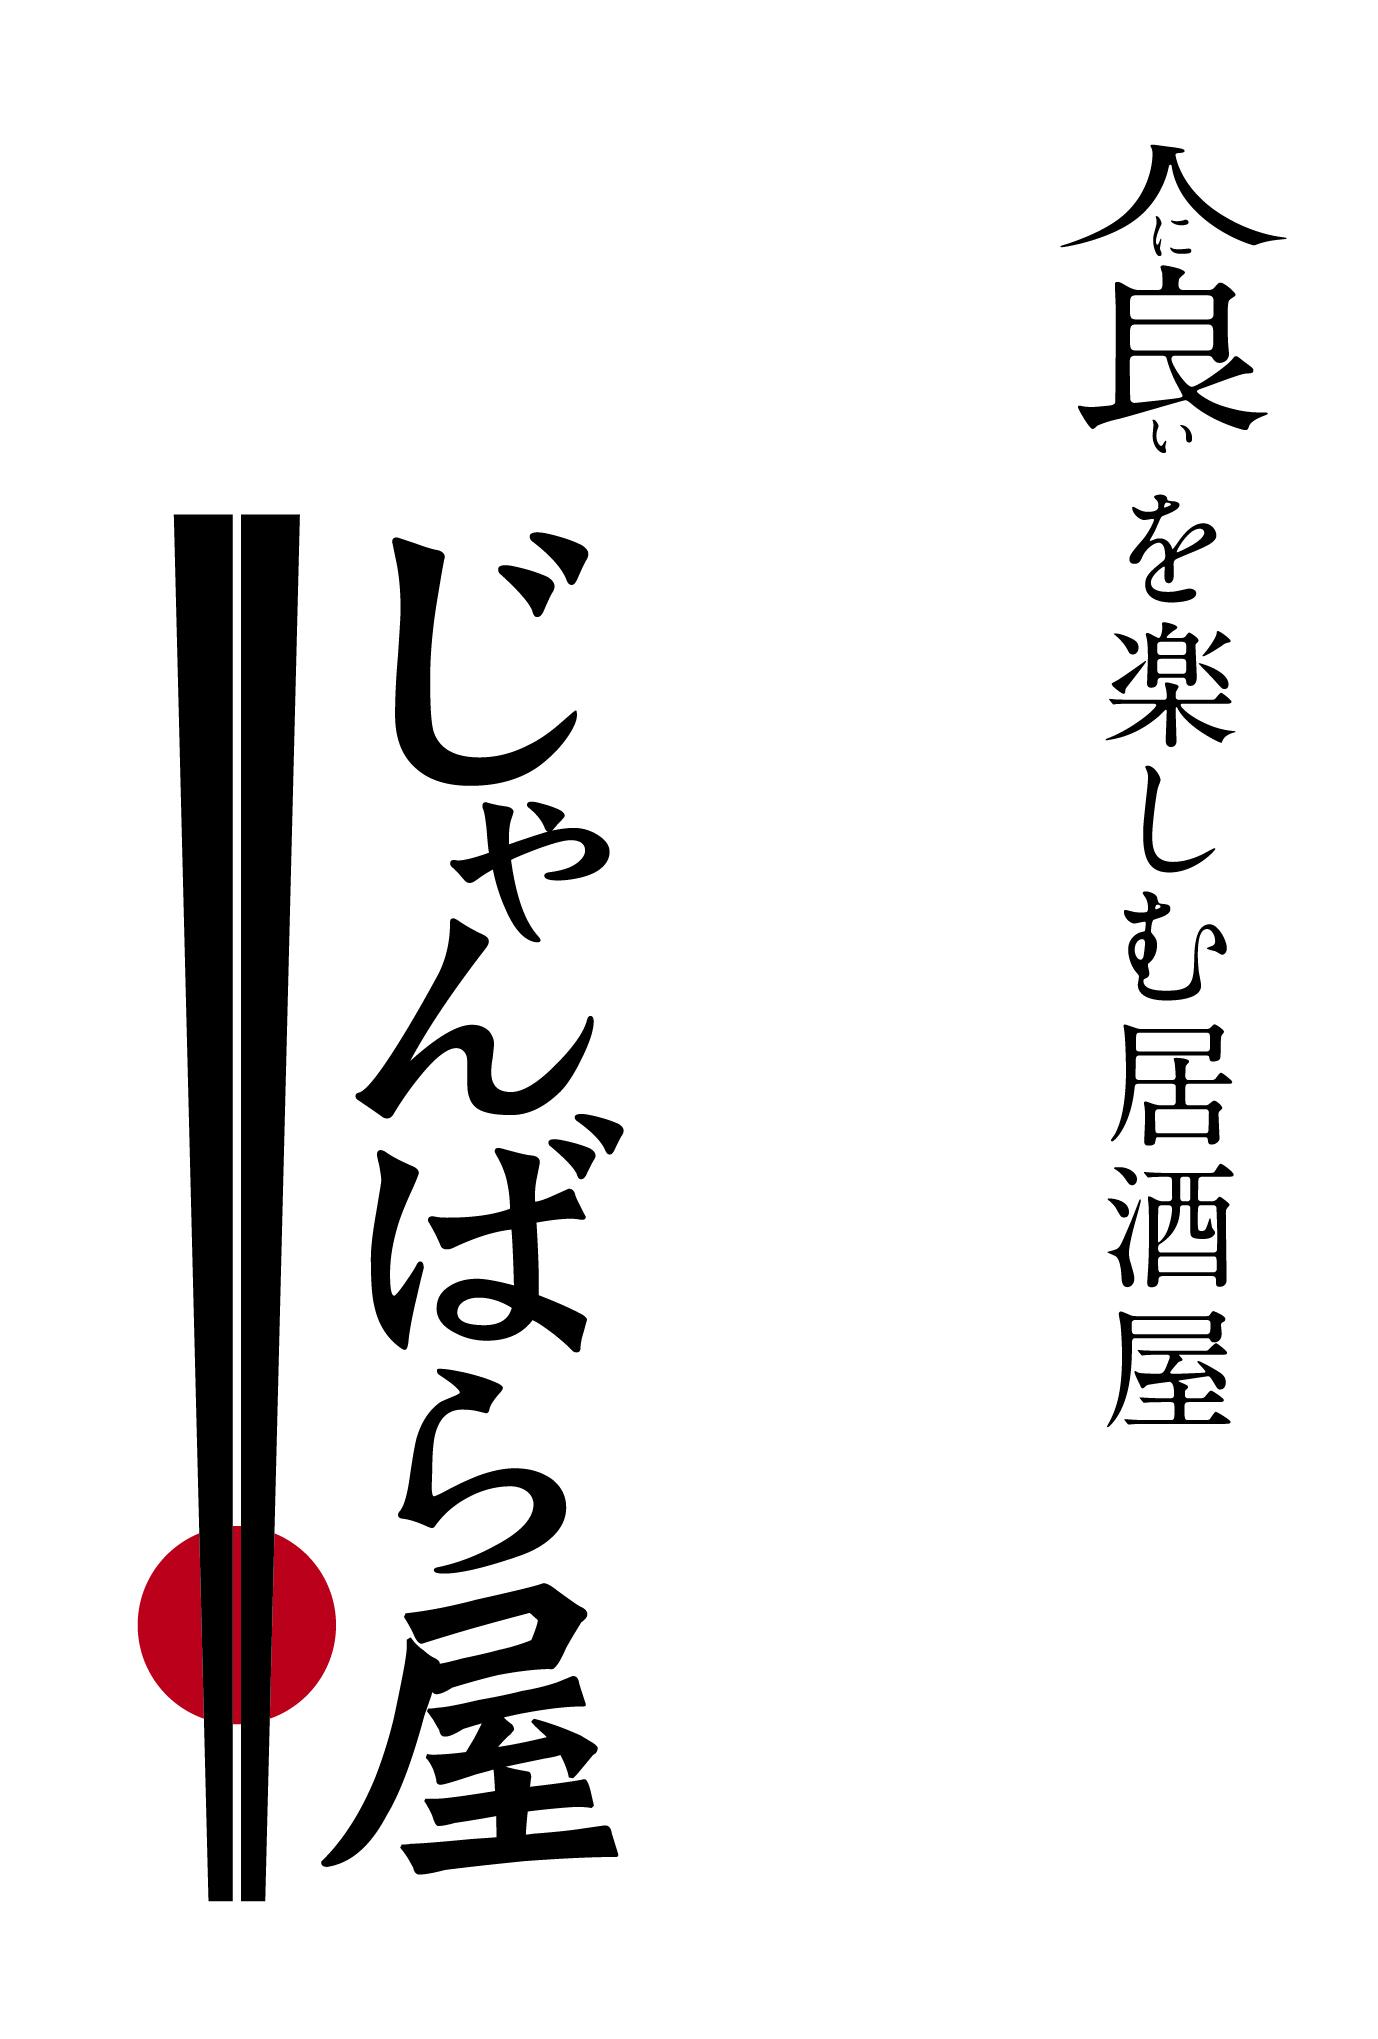 ポストカードDMデザイン 表